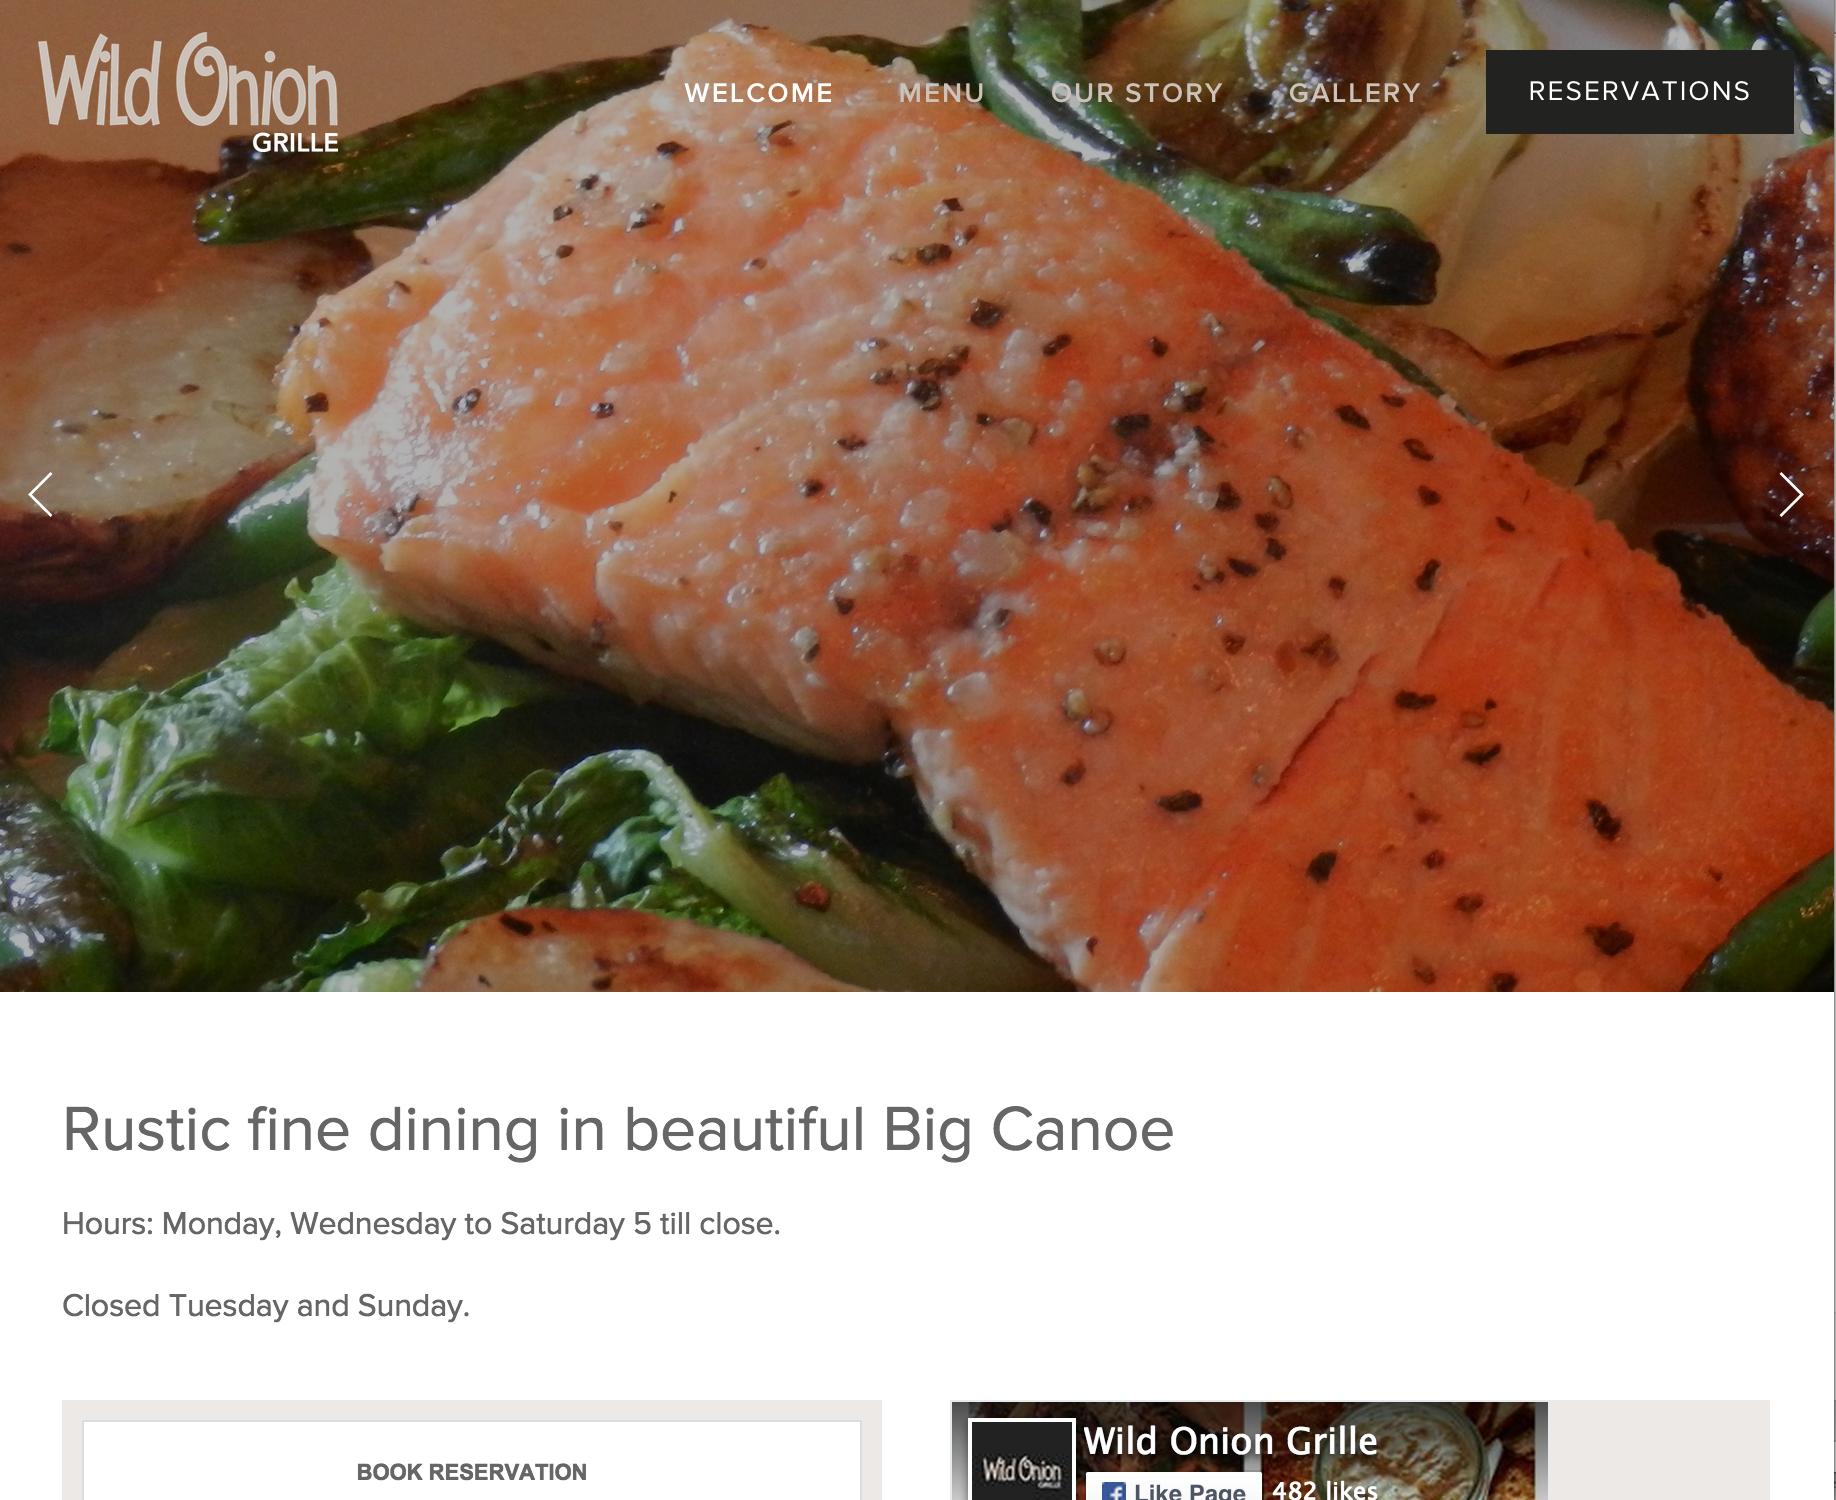 Wild Onion Grille Website